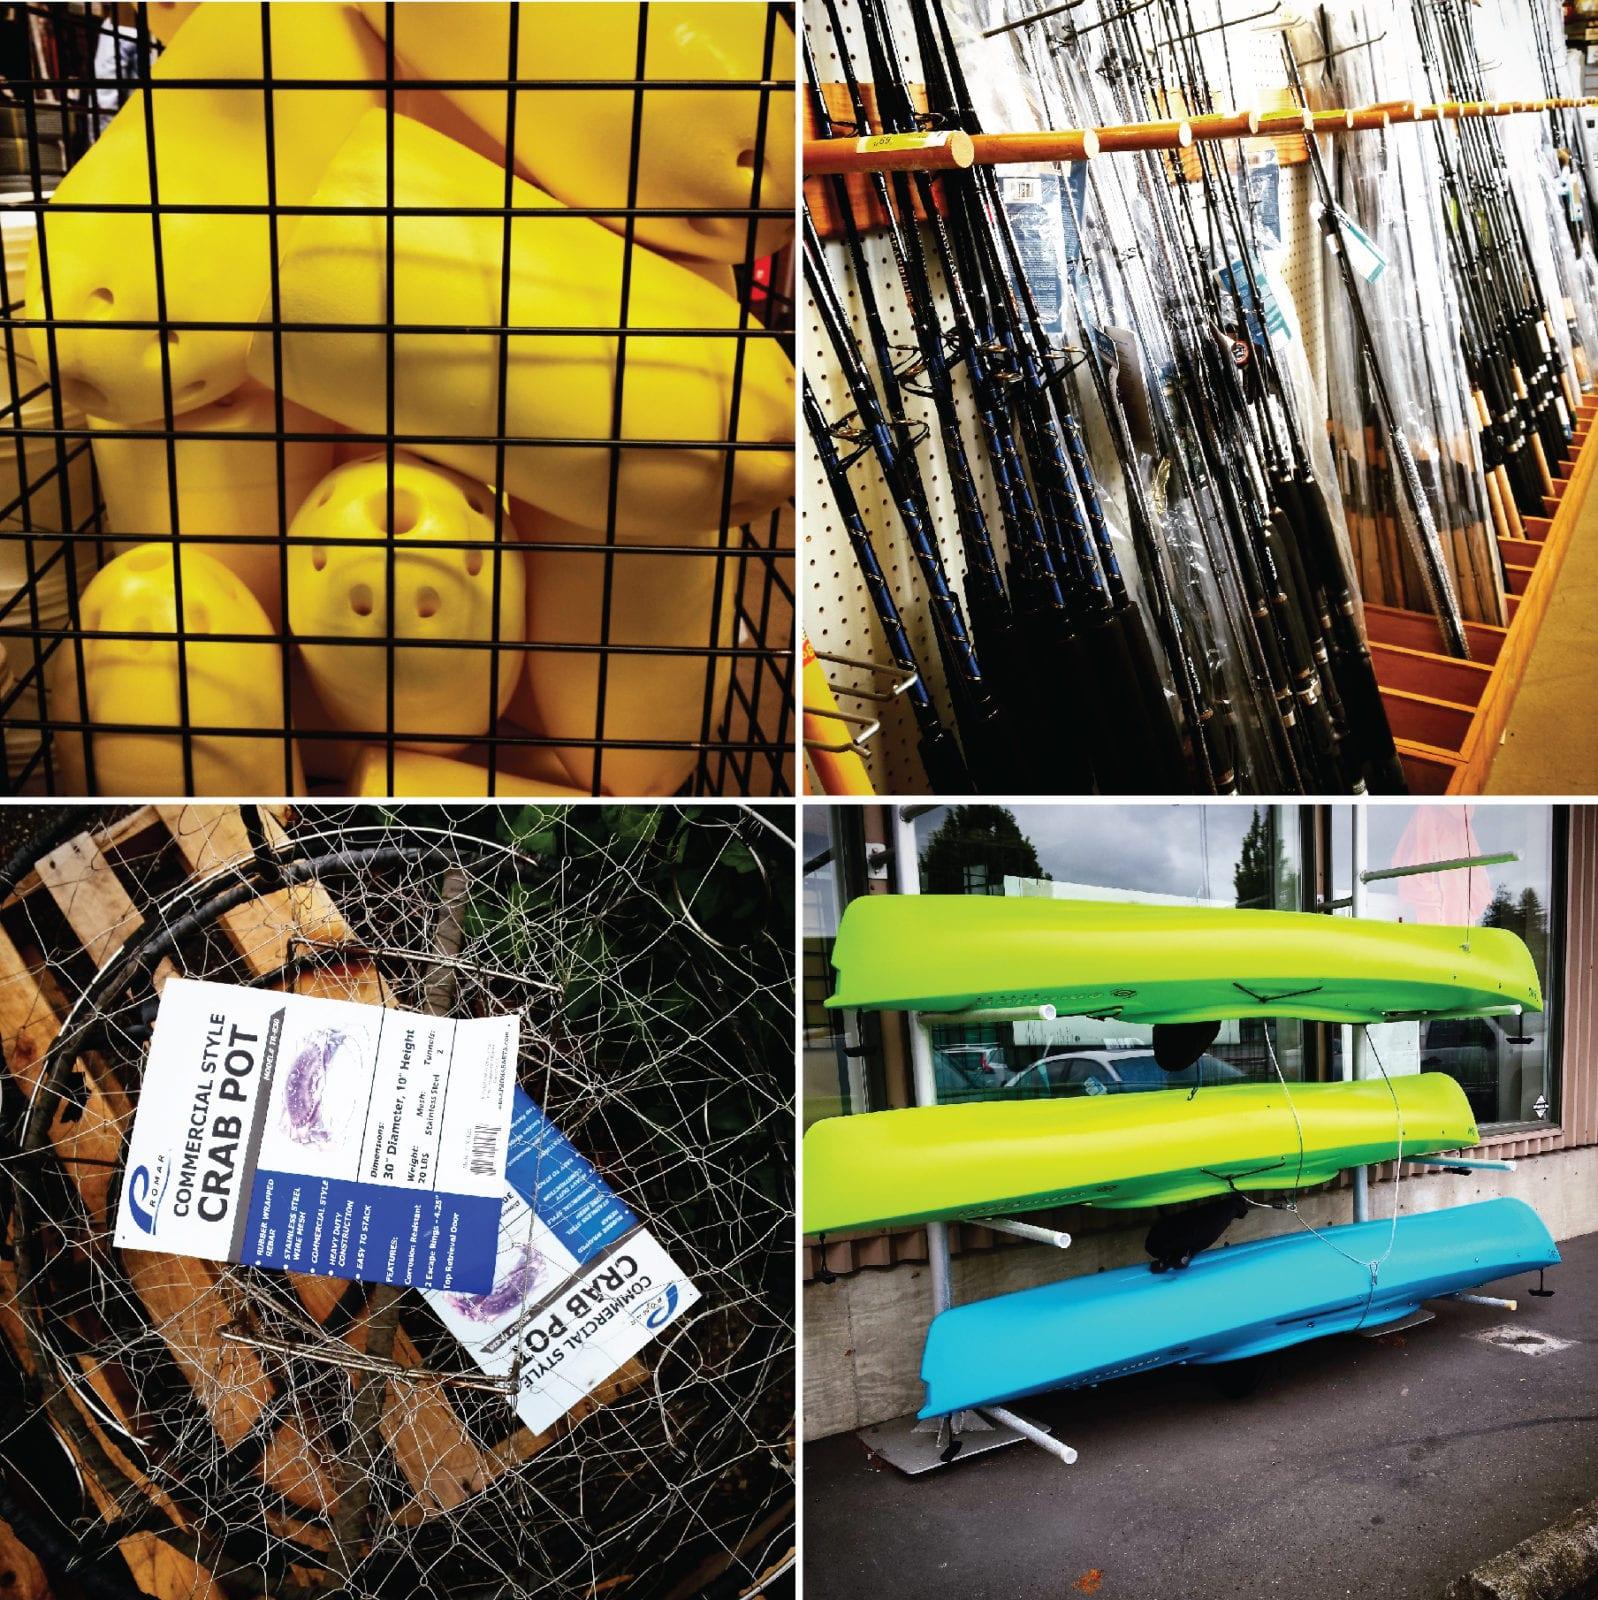 LFS Marine & Outdoor, Fishing gear, marine store, outdoor retailer, Bellingham